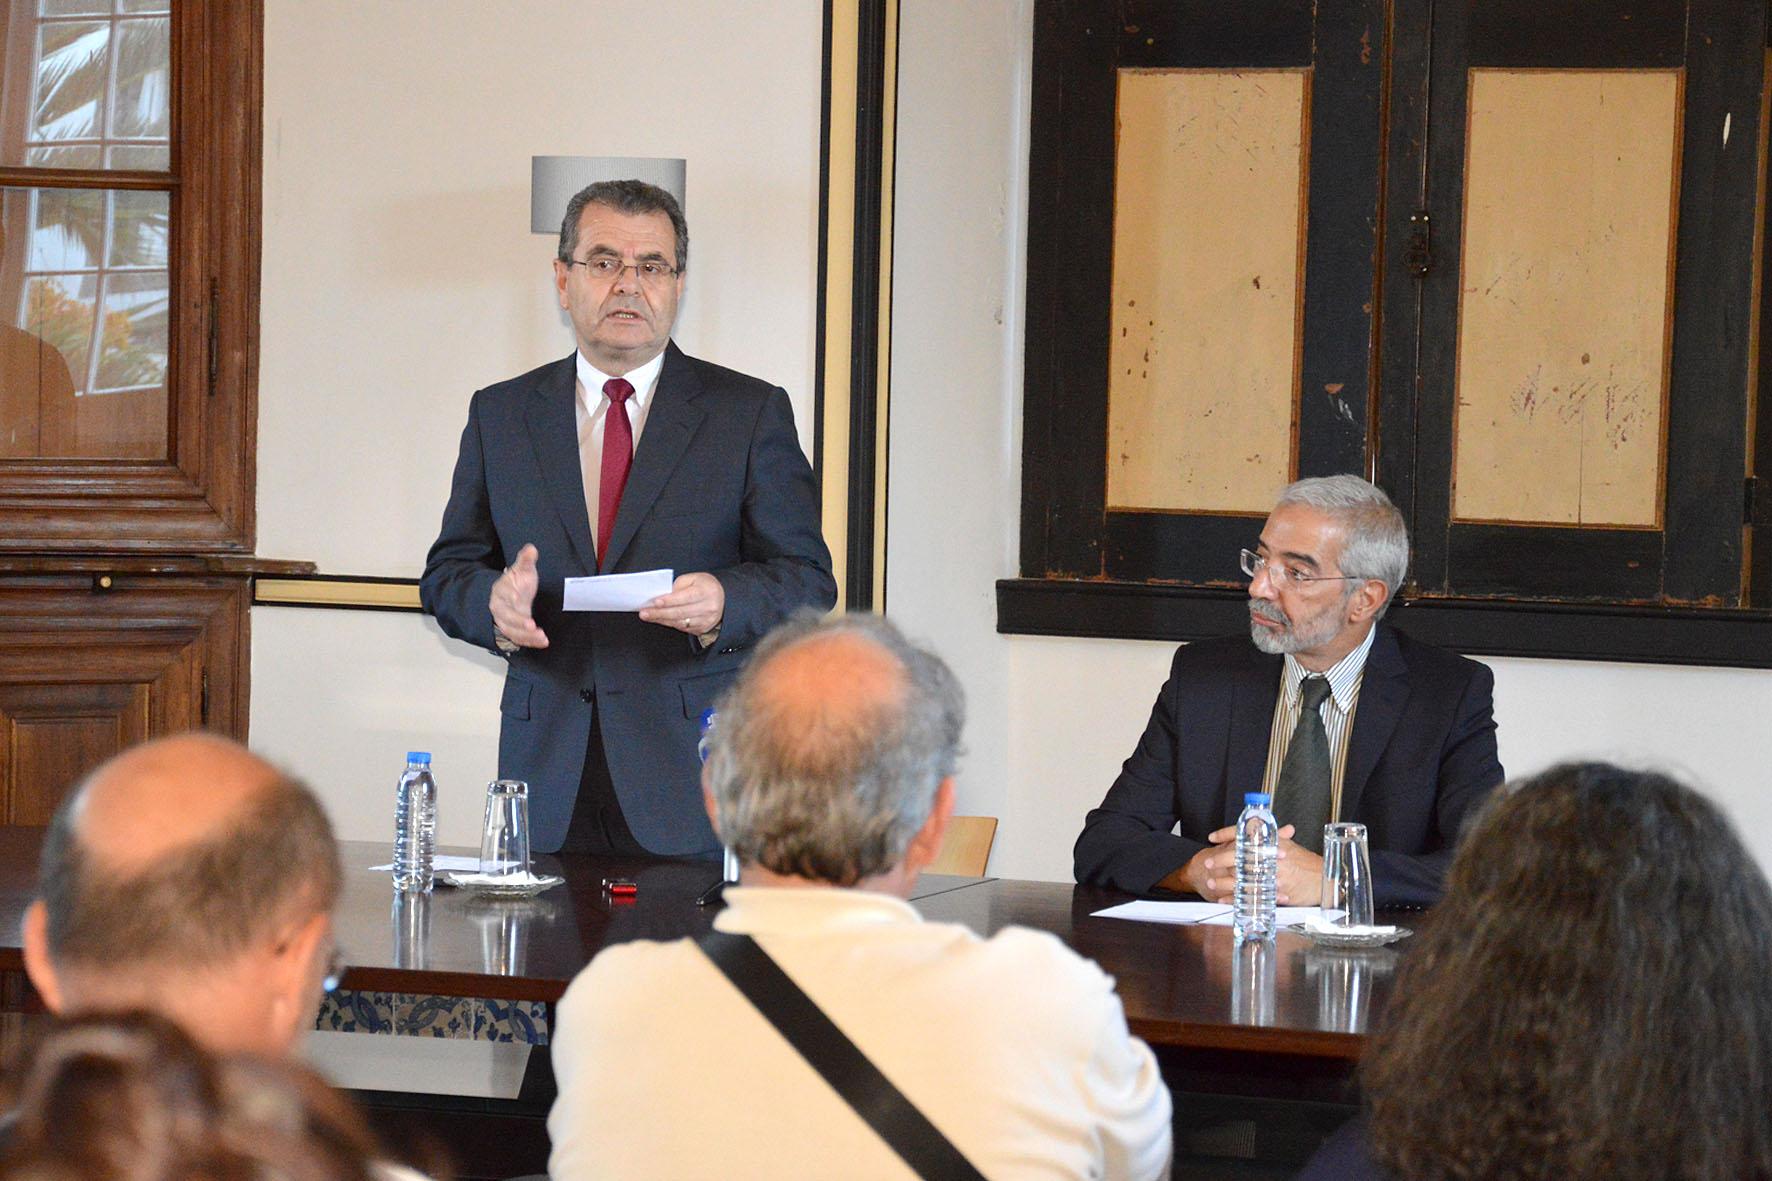 Avelino Meneses manifesta expetativa de que os Açores vençam a batalha da promoção cultural